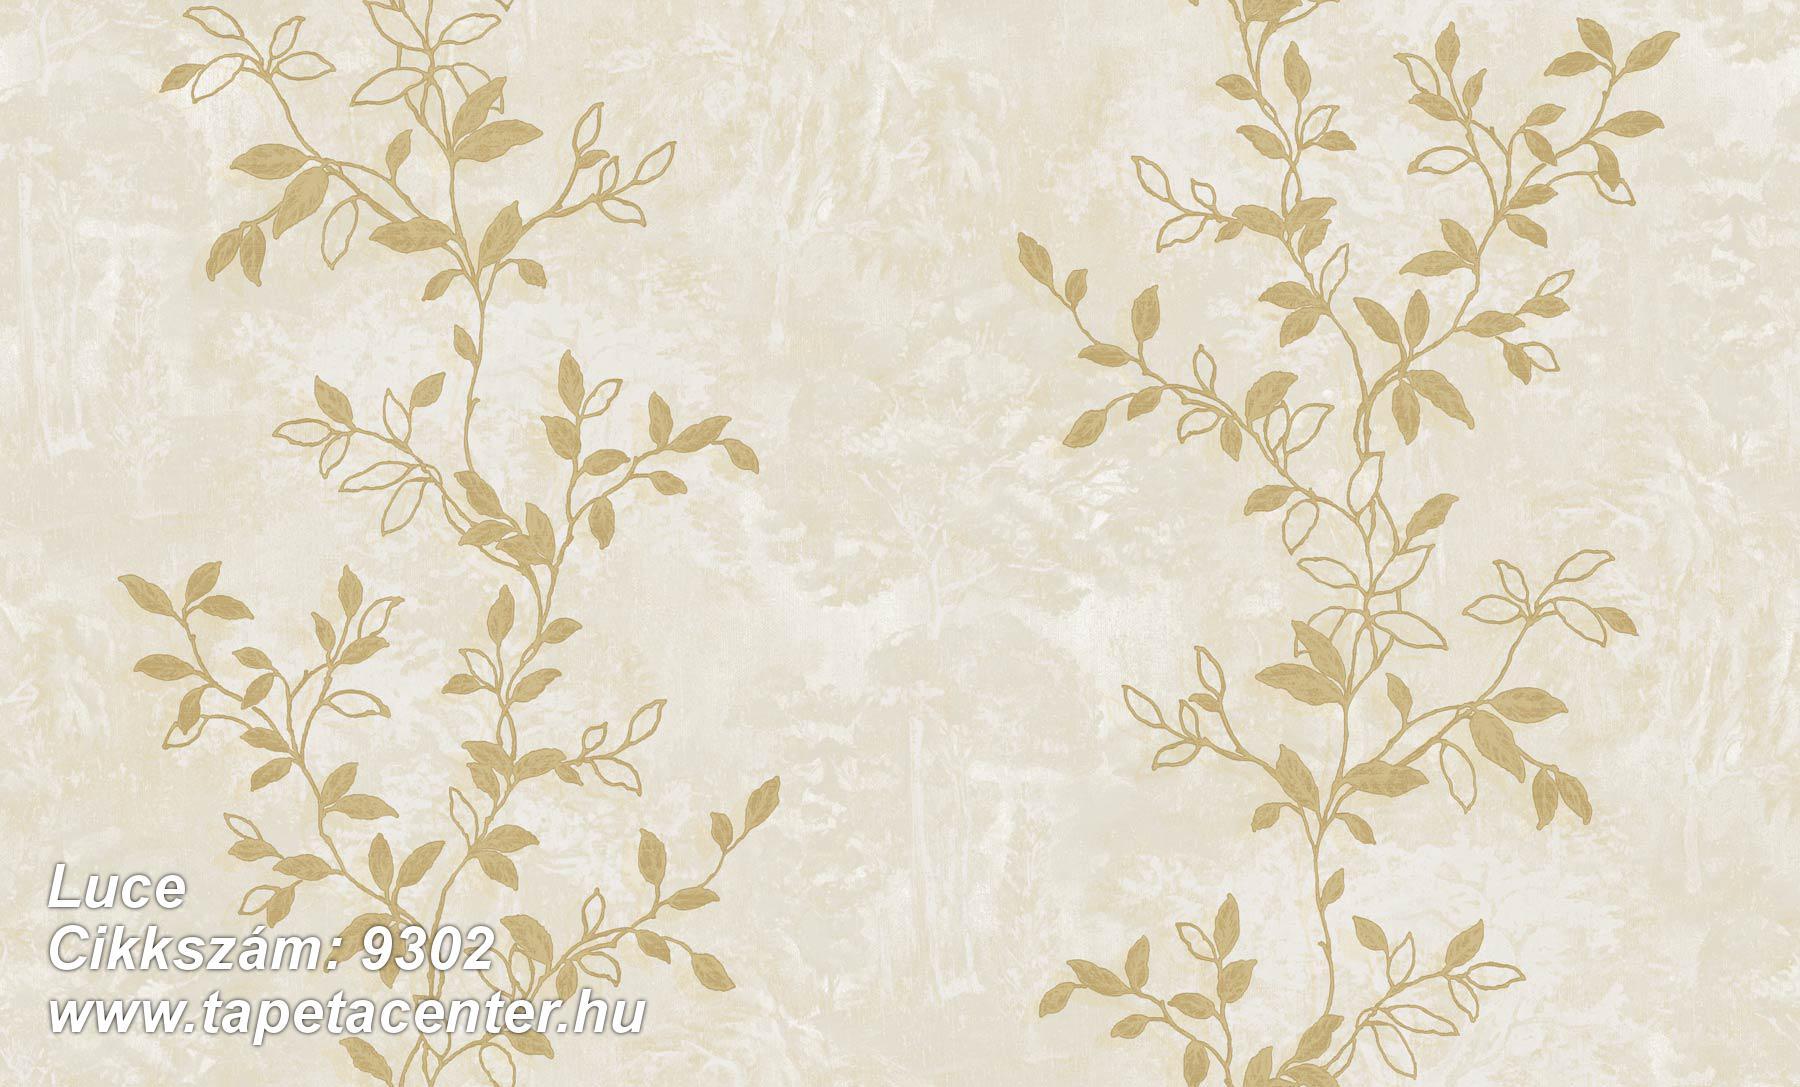 Különleges felületű,természeti mintás,arany,bézs-drapp,súrolható,vlies tapéta